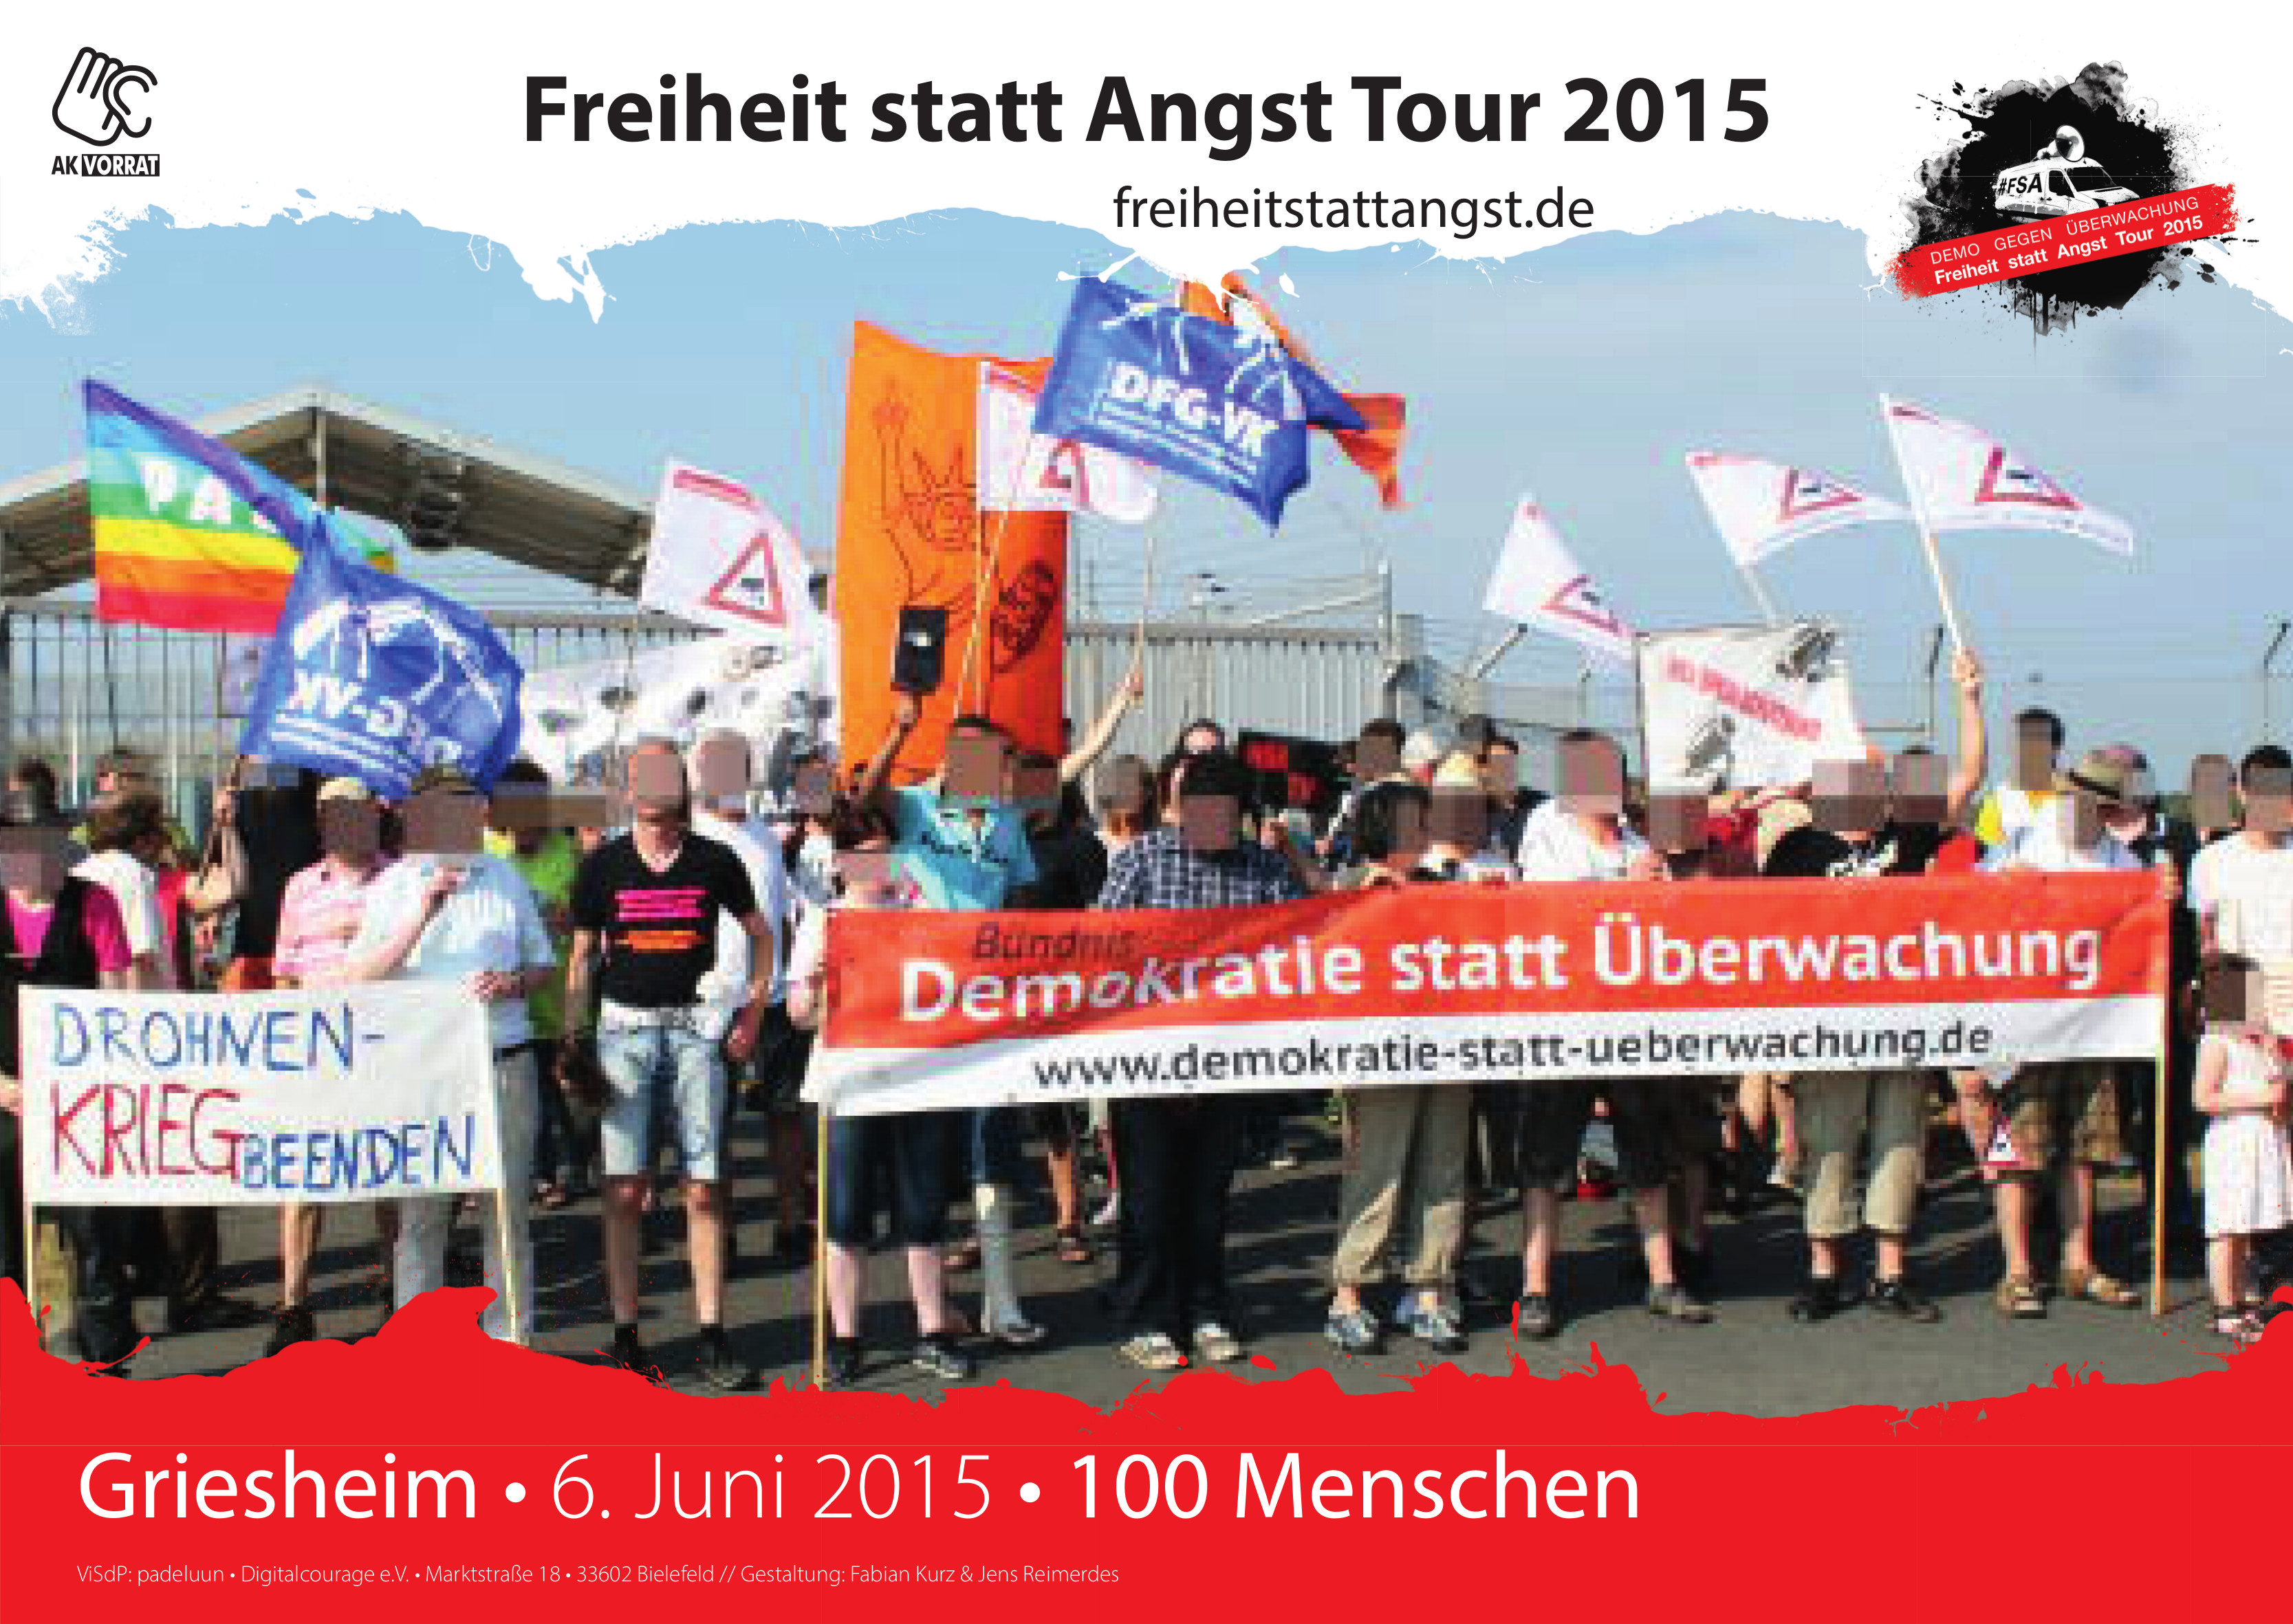 Griesheim am 6. Juni 2015